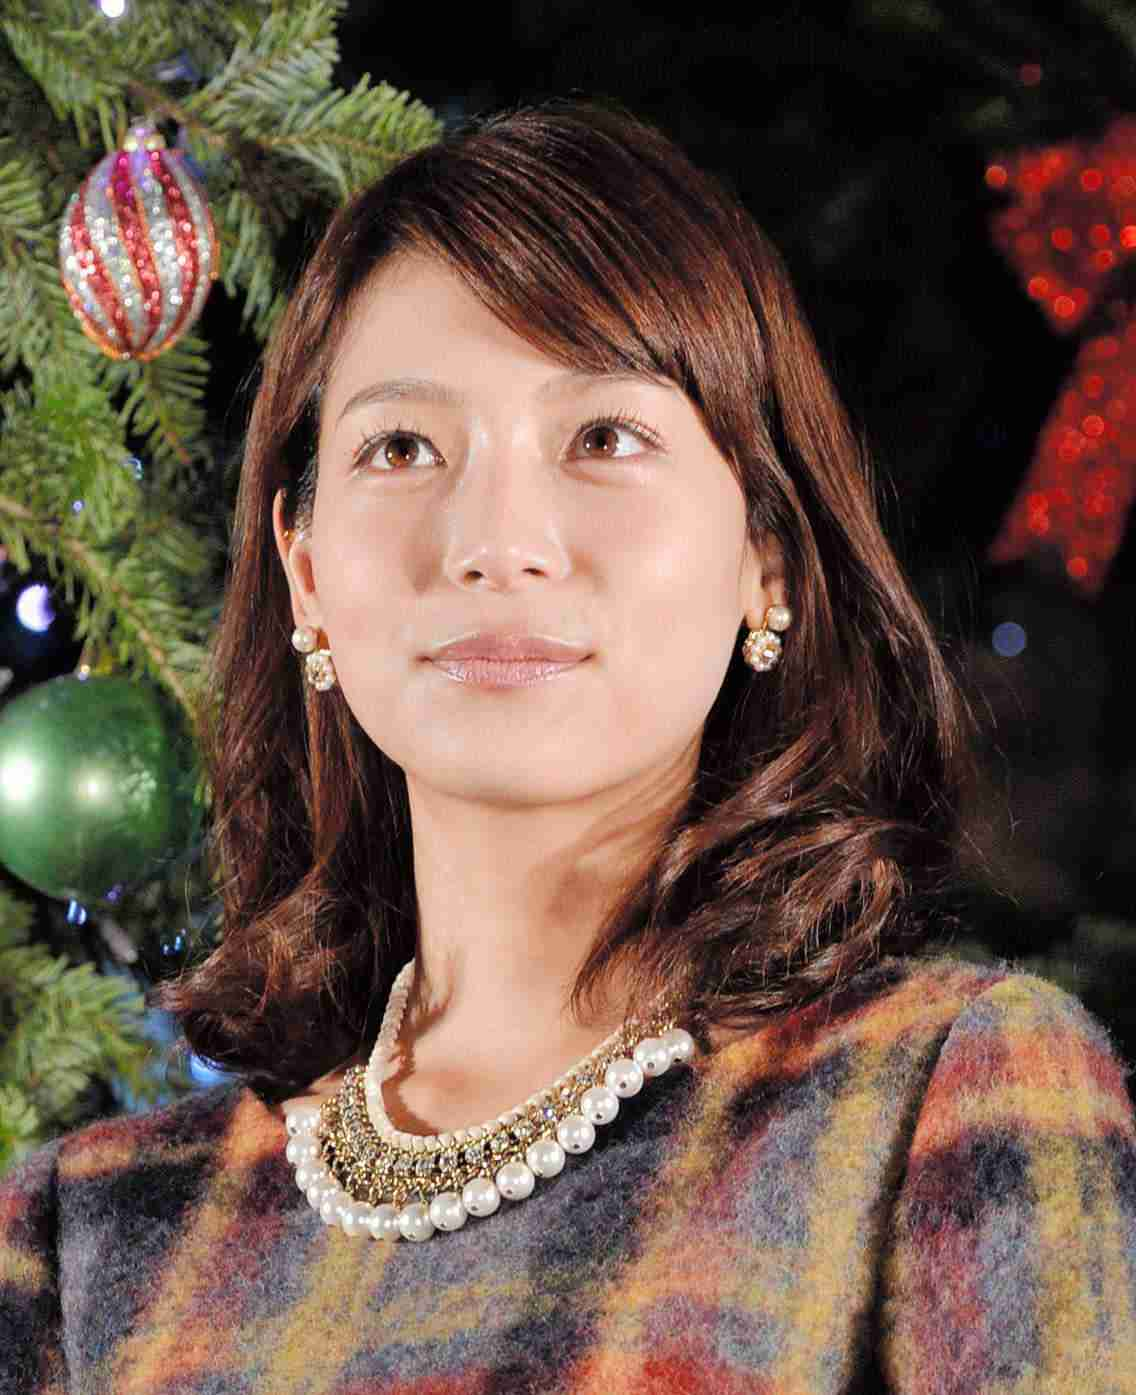 相武紗季、姉妹愛!音花ゆりの記事に大喜び「お姉ちゃんのこと書いてある」 (デイリースポーツ) - Yahoo!ニュース